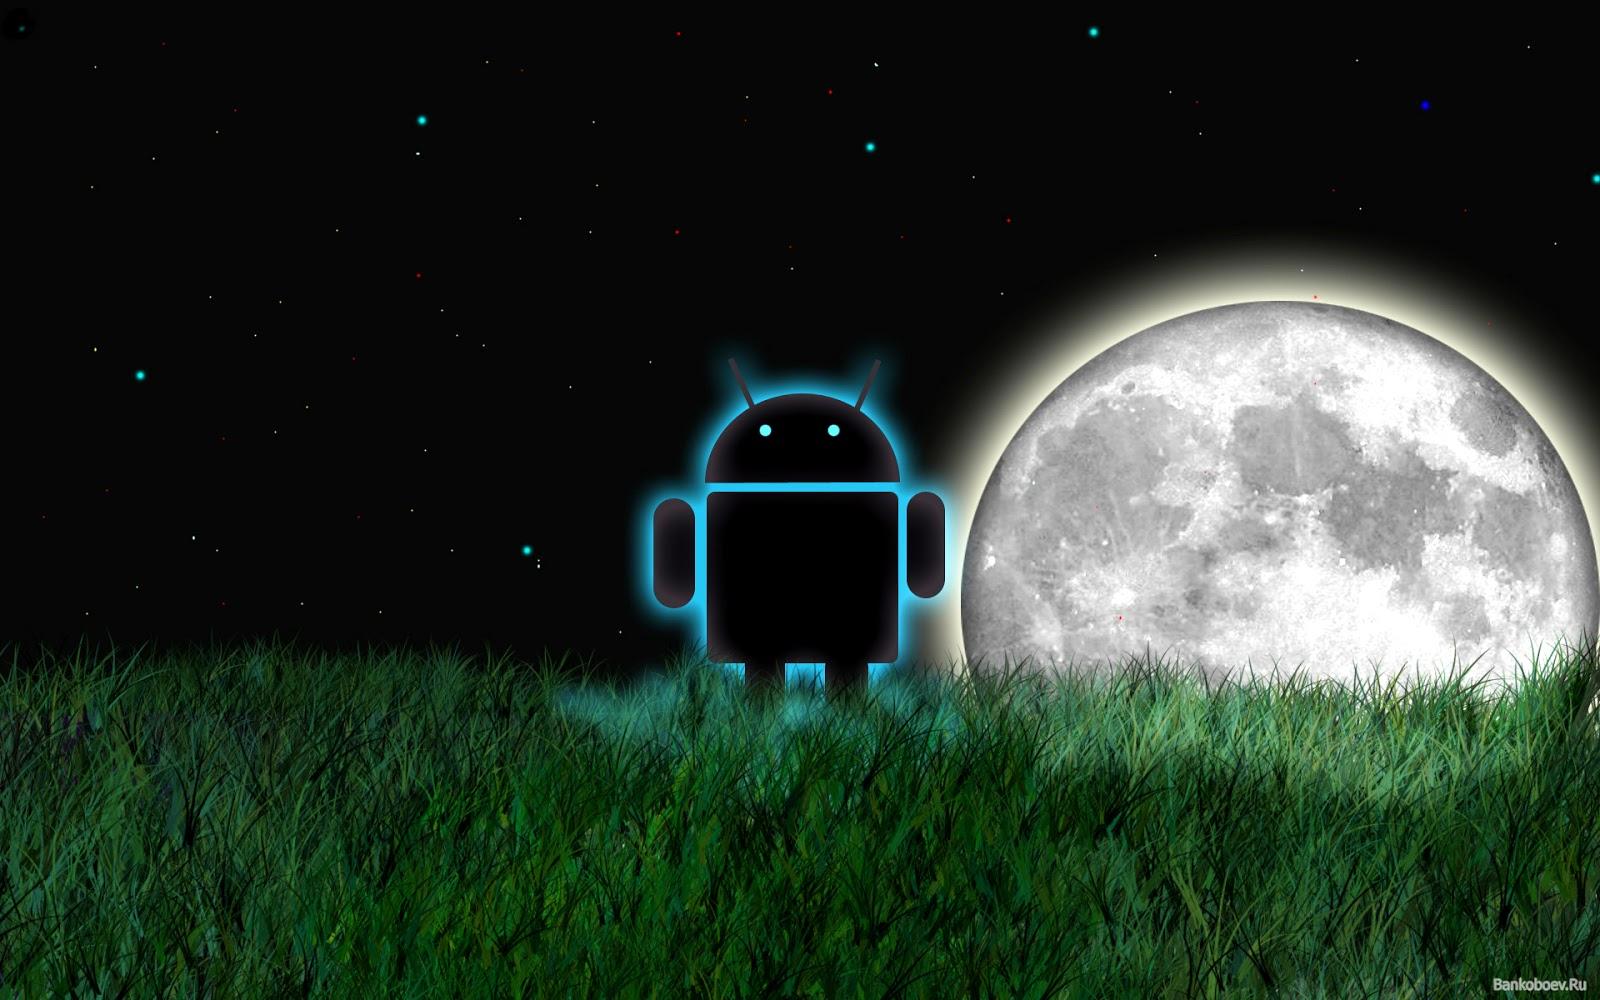 https://1.bp.blogspot.com/--djmJ8DF-to/UHuIjIKr3pI/AAAAAAAAAdA/3xj7s-tO4DM/s1600/Bankoboev.Ru_os_android.jpg